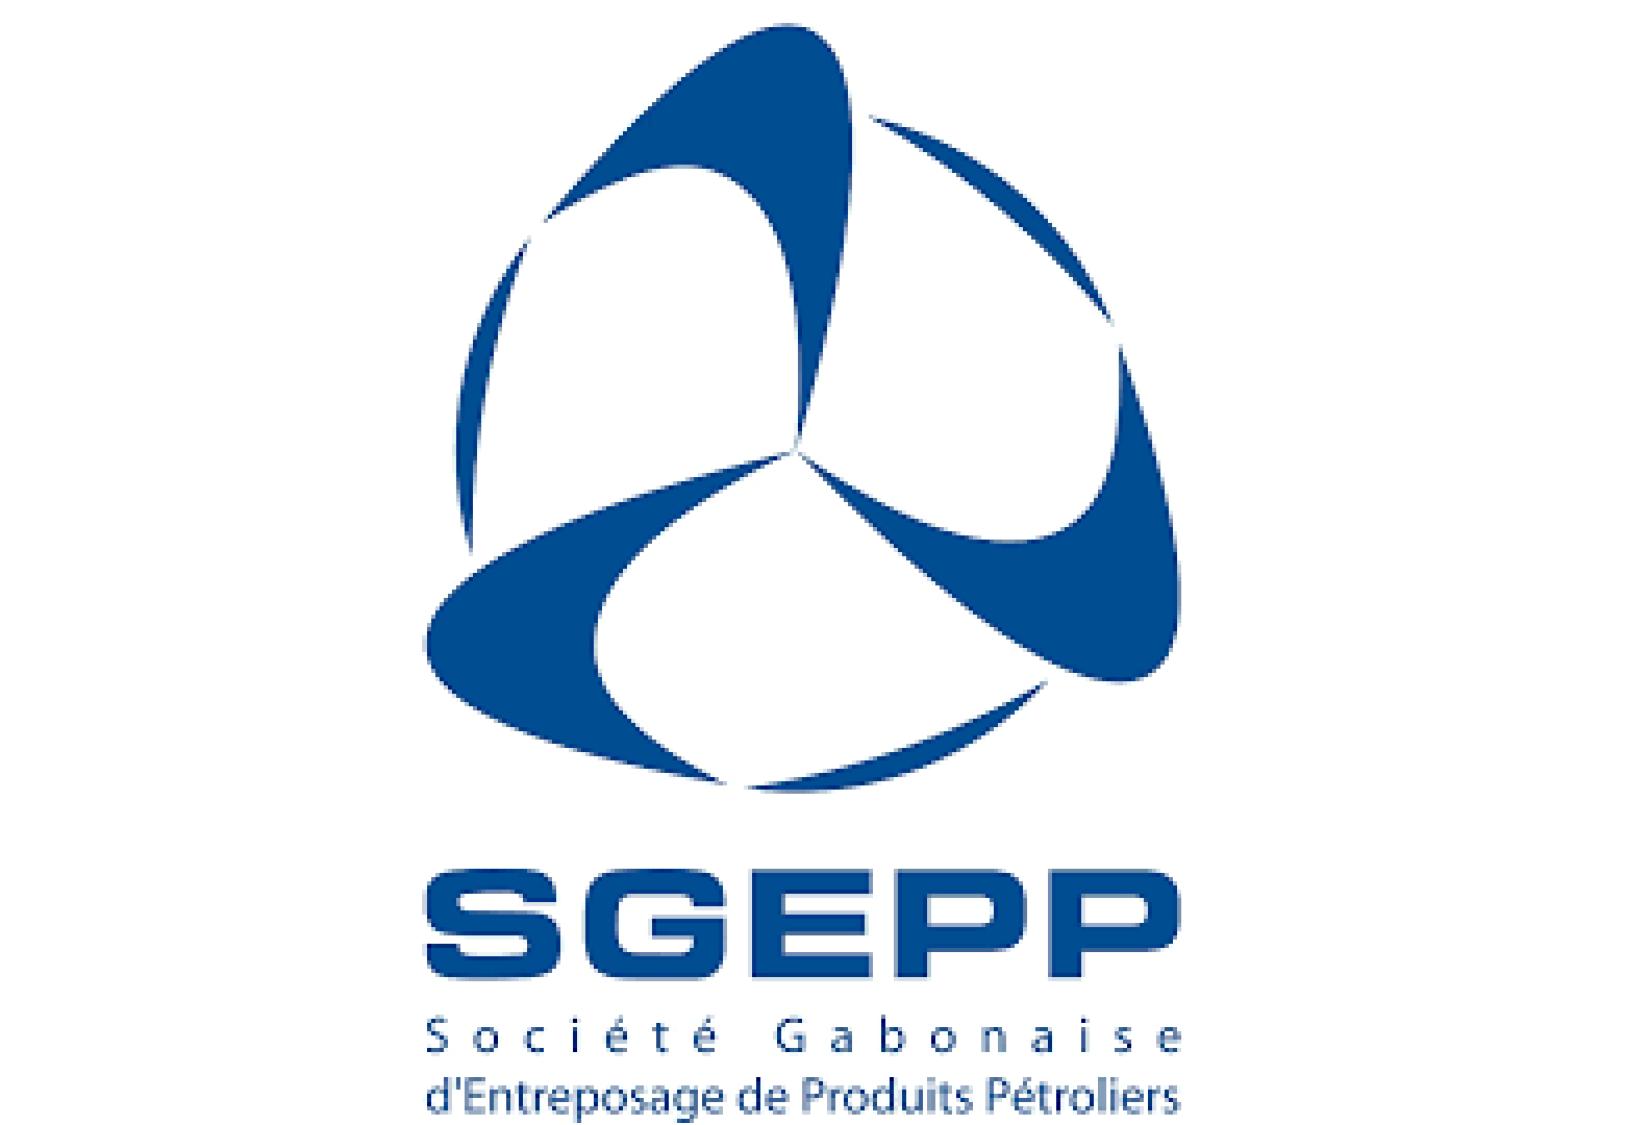 Société Gabonaise d'Entreposage de Produit Pétroliers